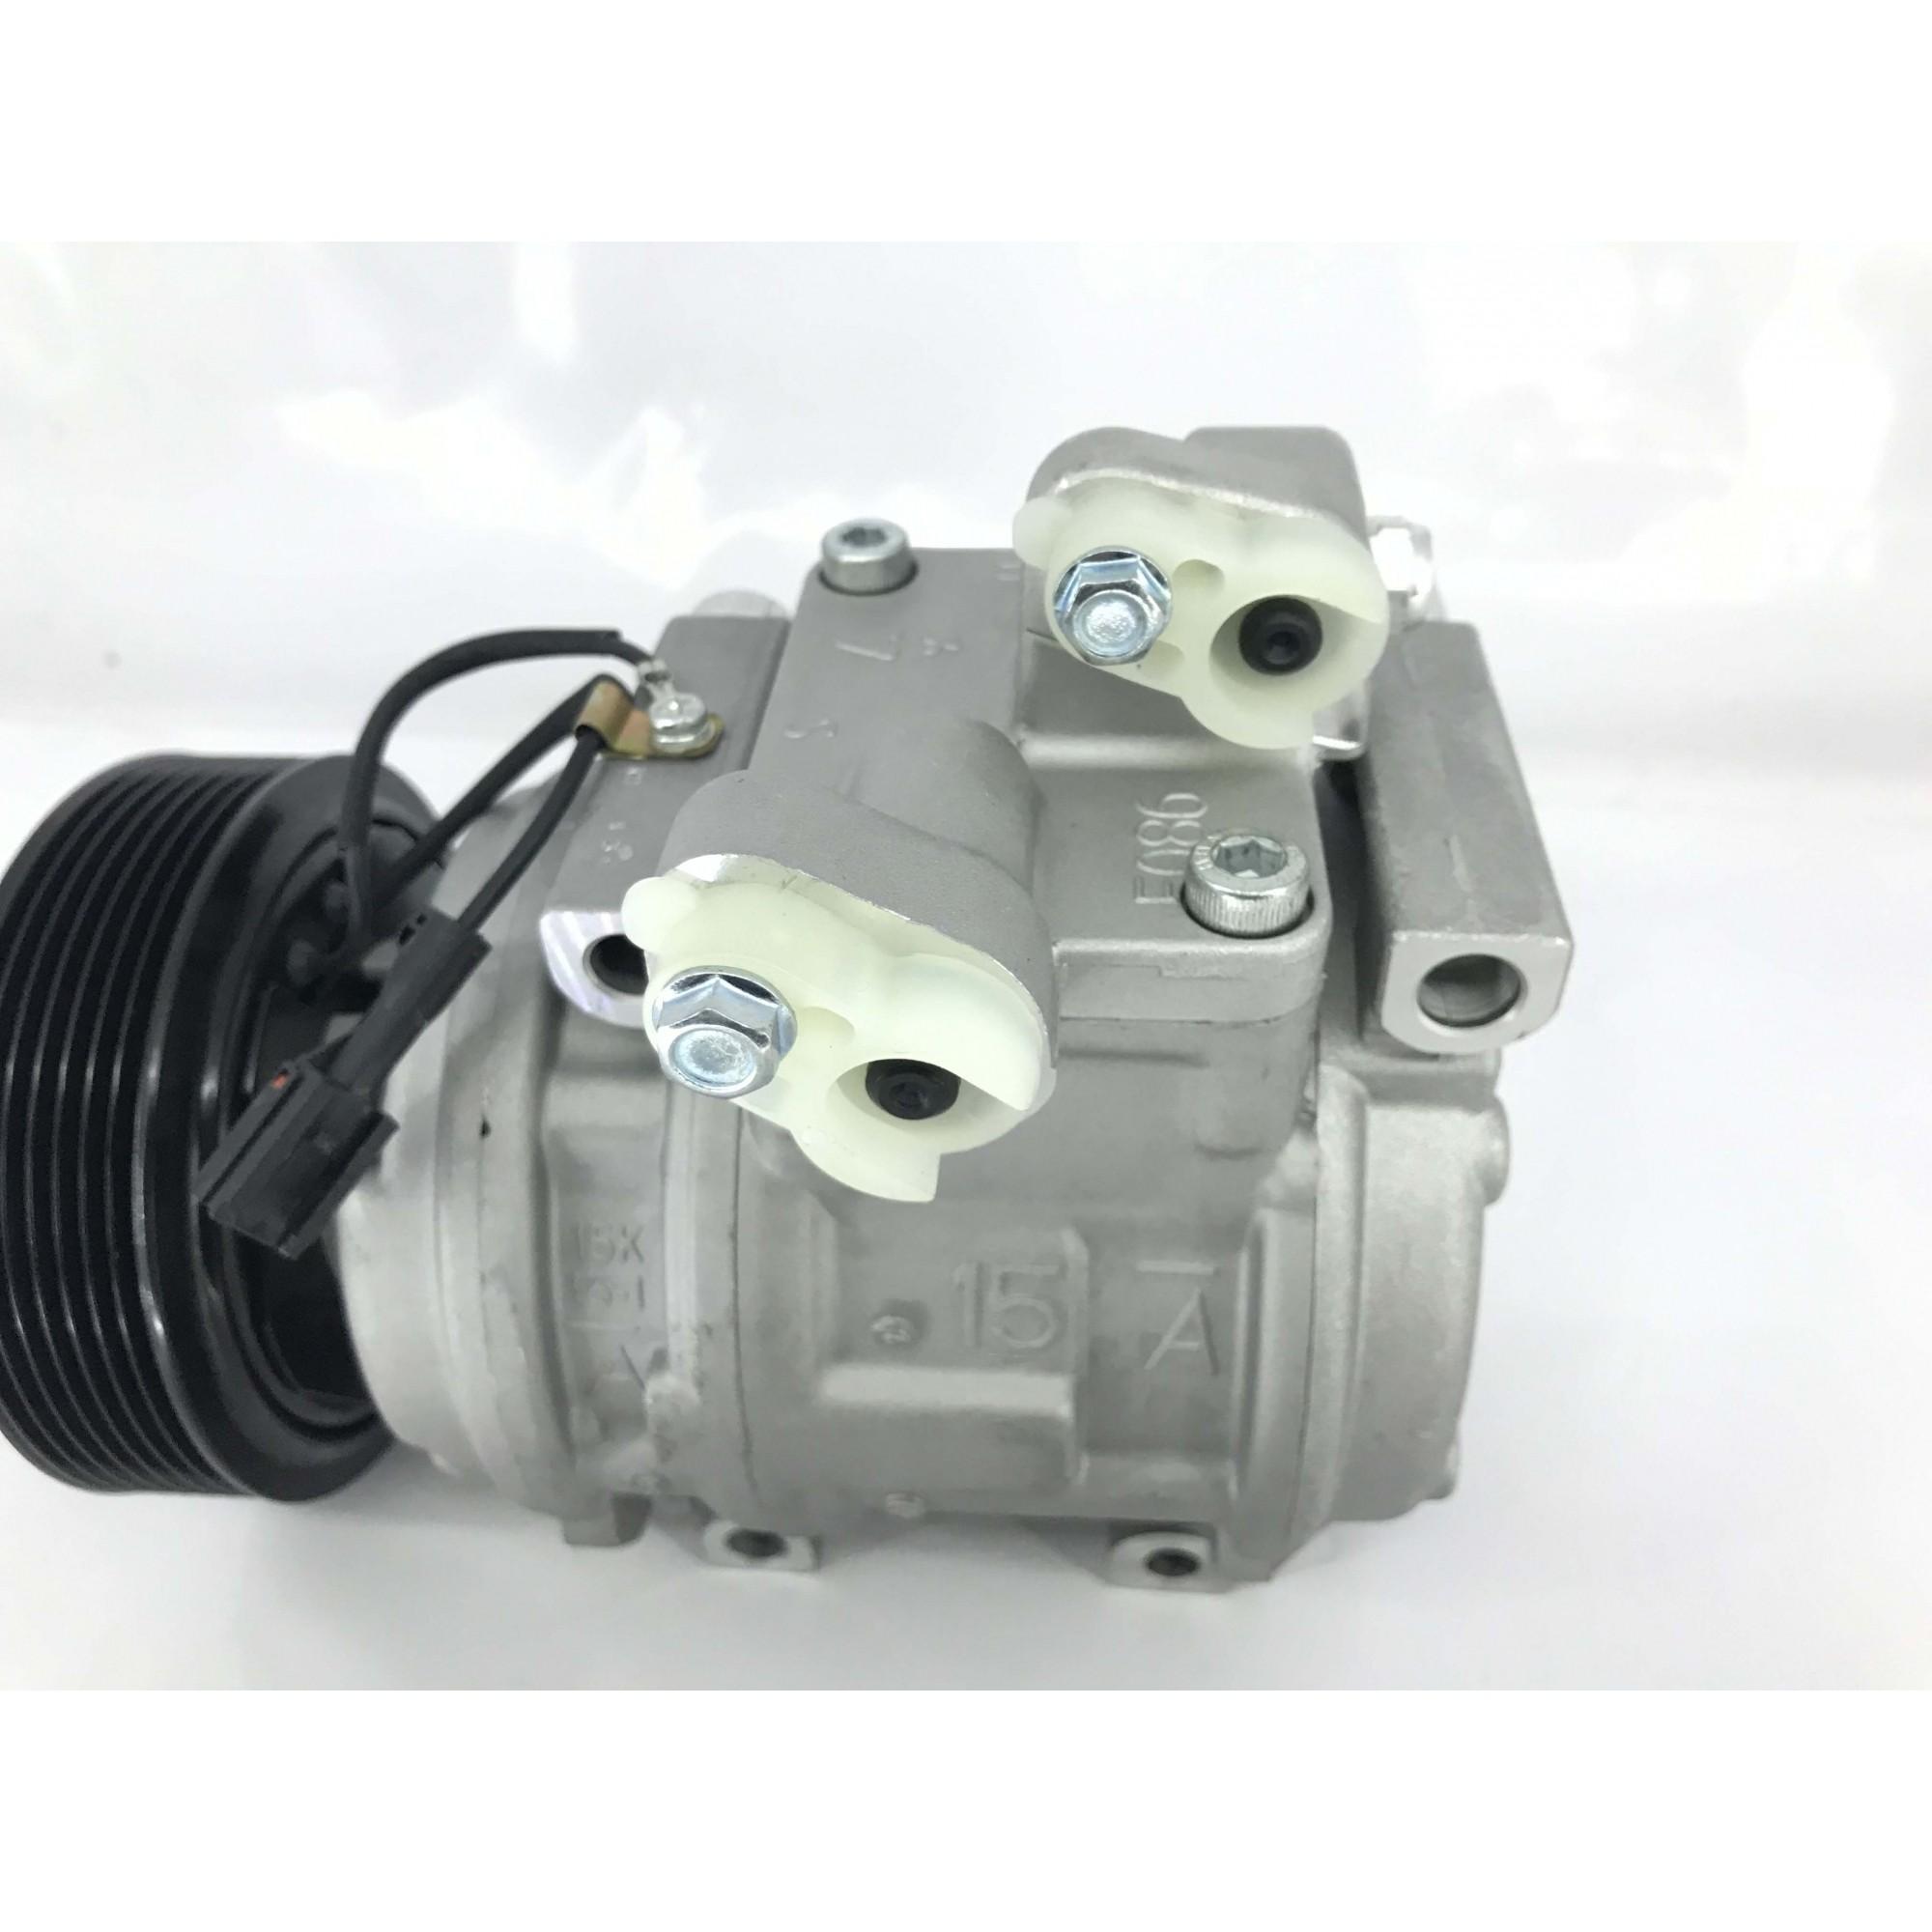 Compressor Sorento 2.5 Diesel até 10 automática